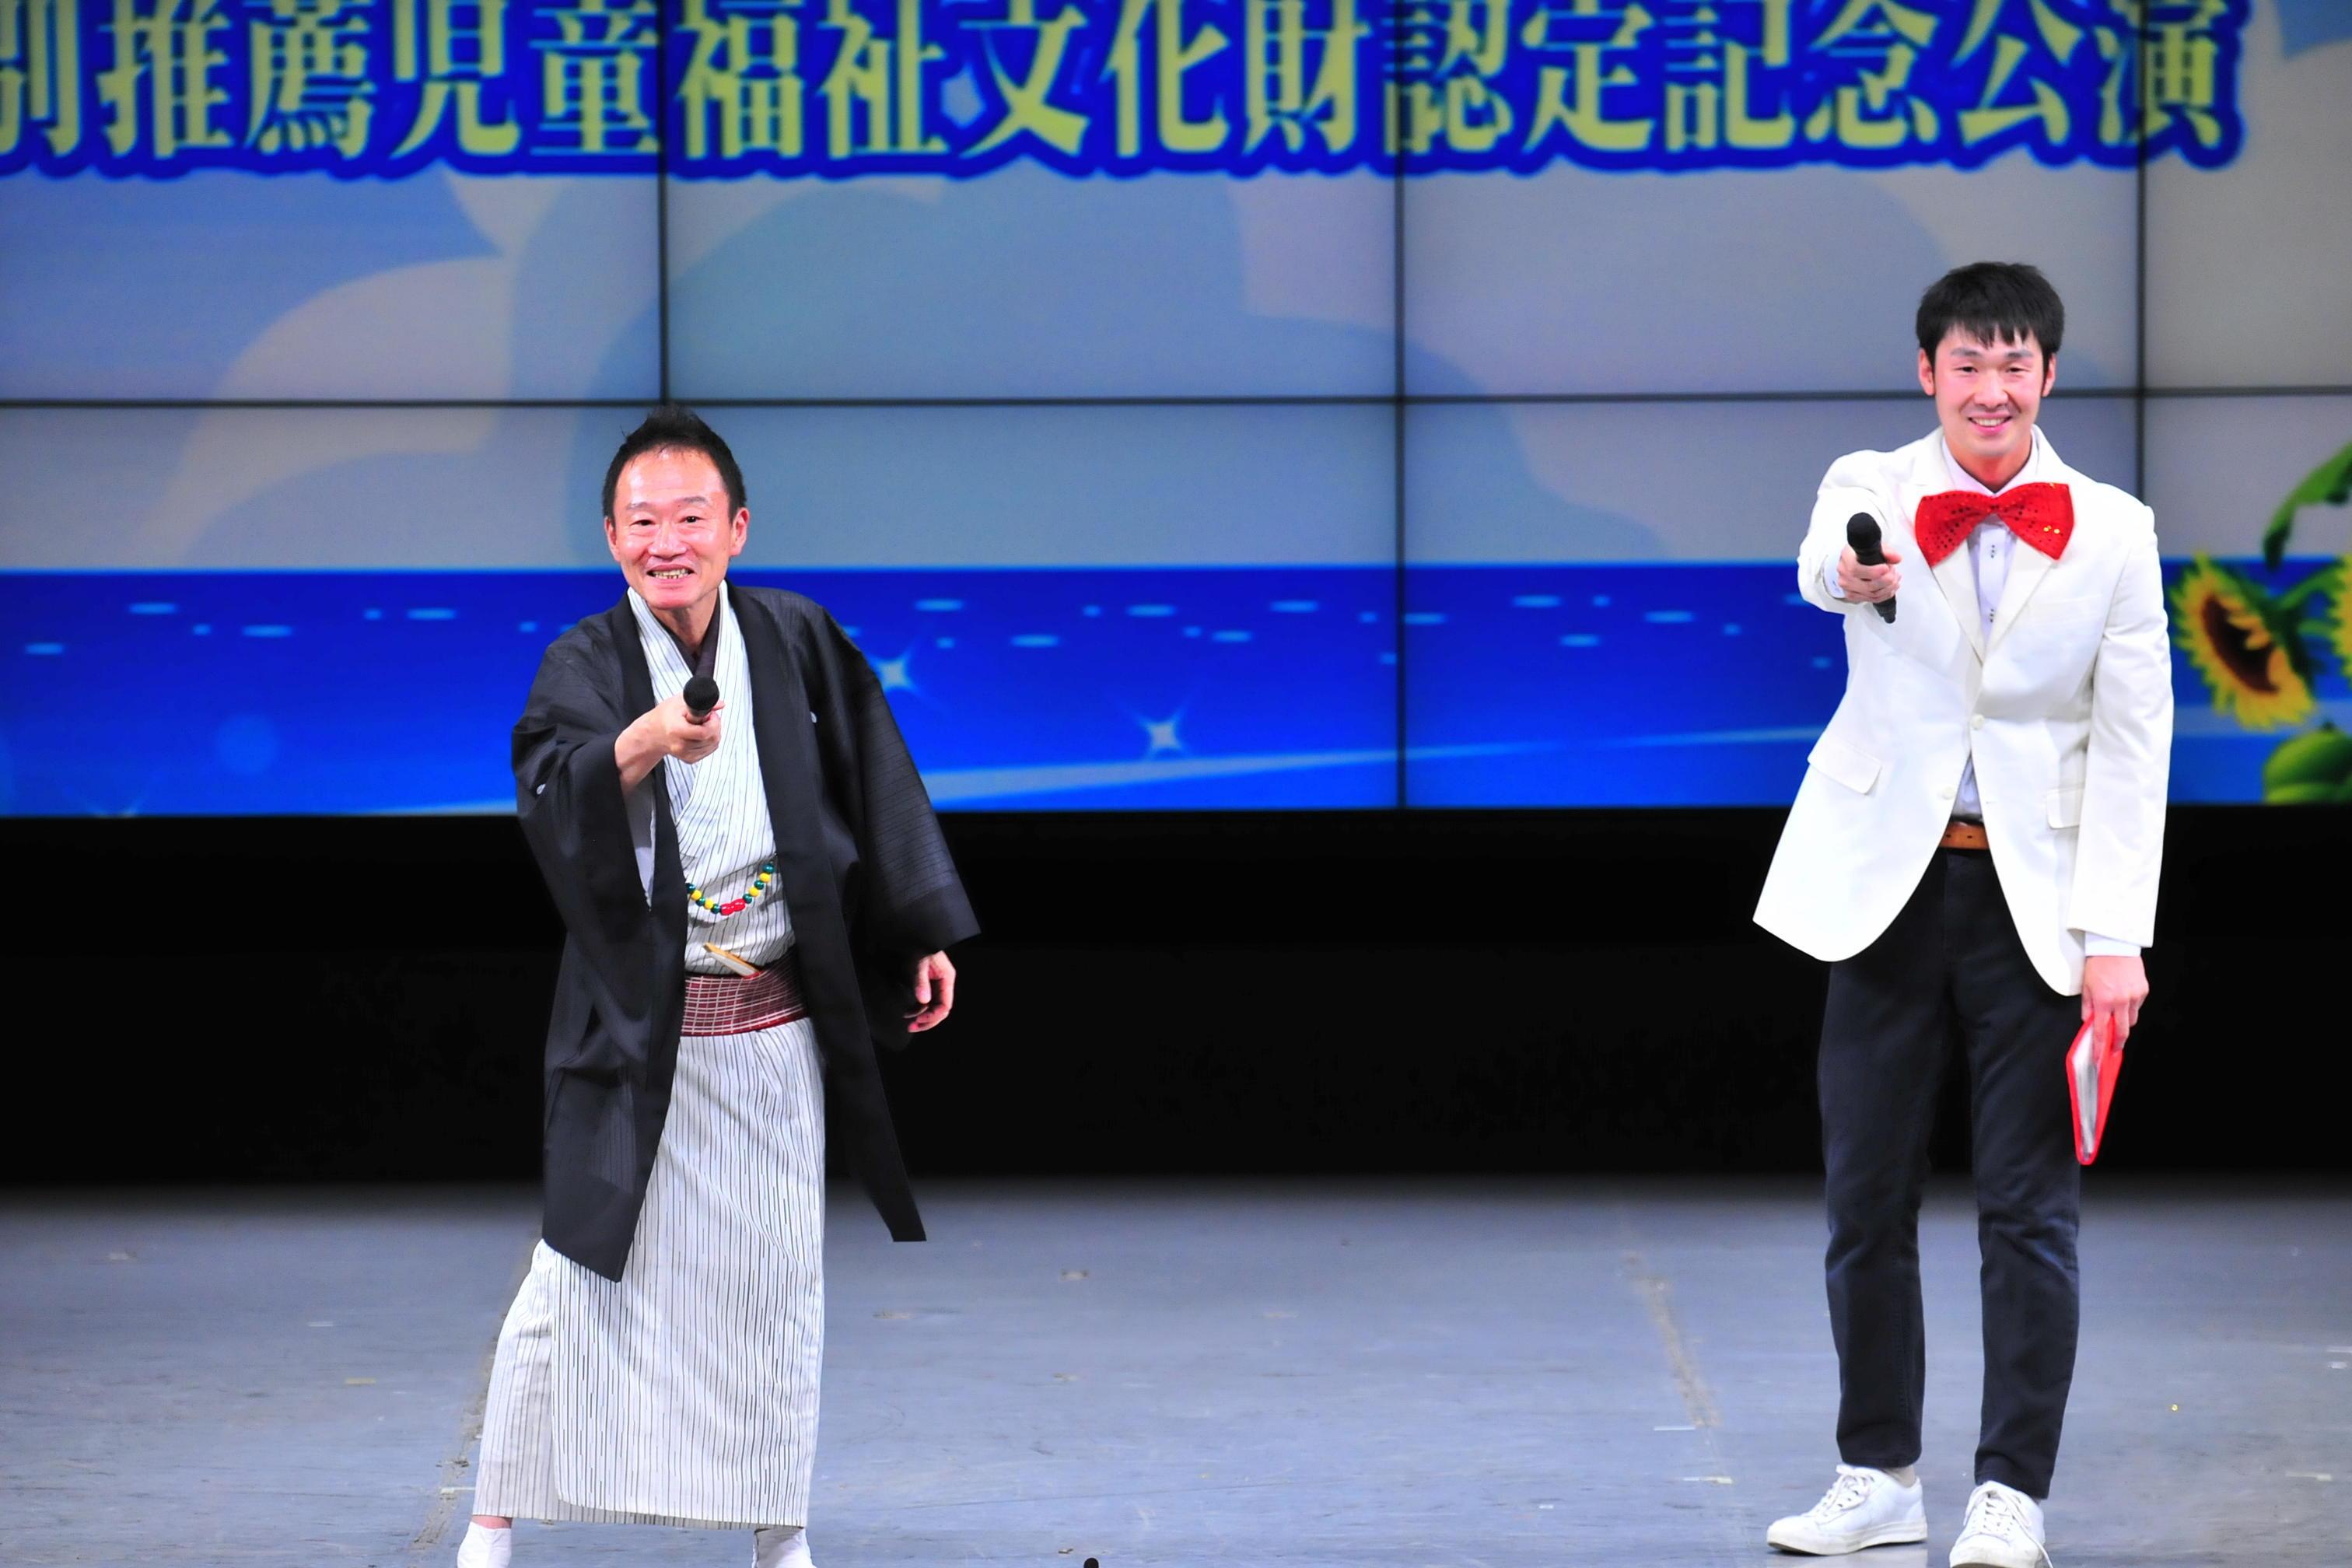 http://news.yoshimoto.co.jp/20160809235444-50fa2c7d1c2cceb94b089754963faccc68006e34.jpg